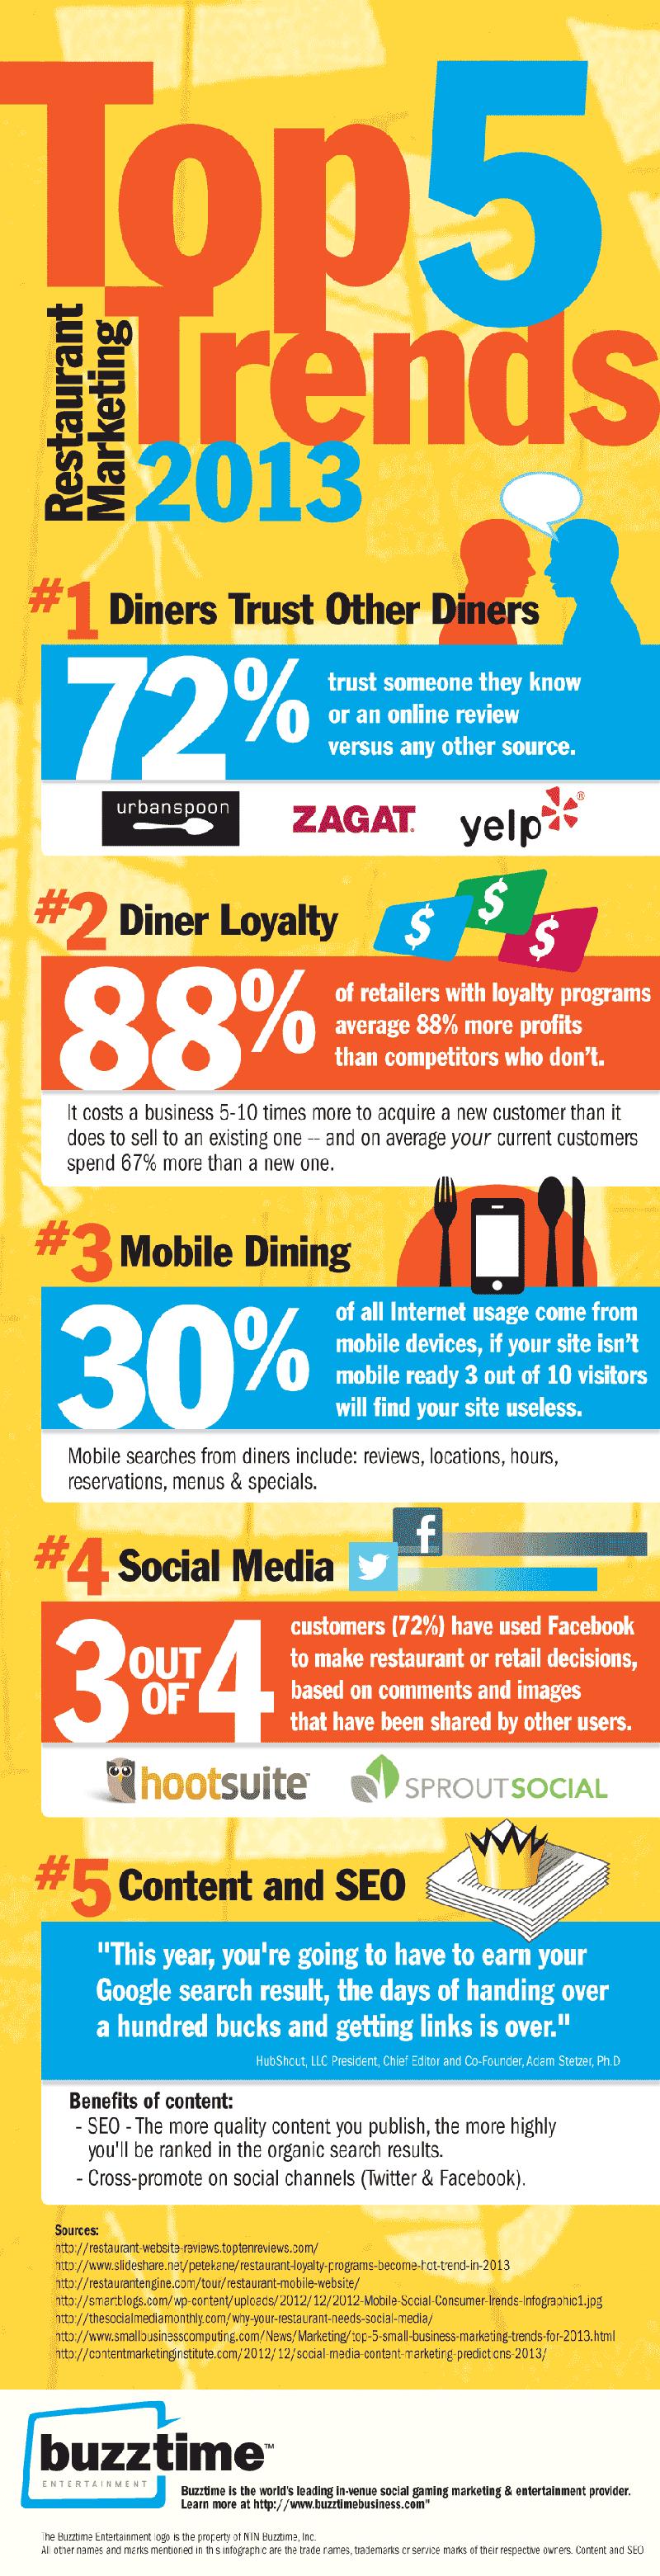 Restaurant Trends for 2013